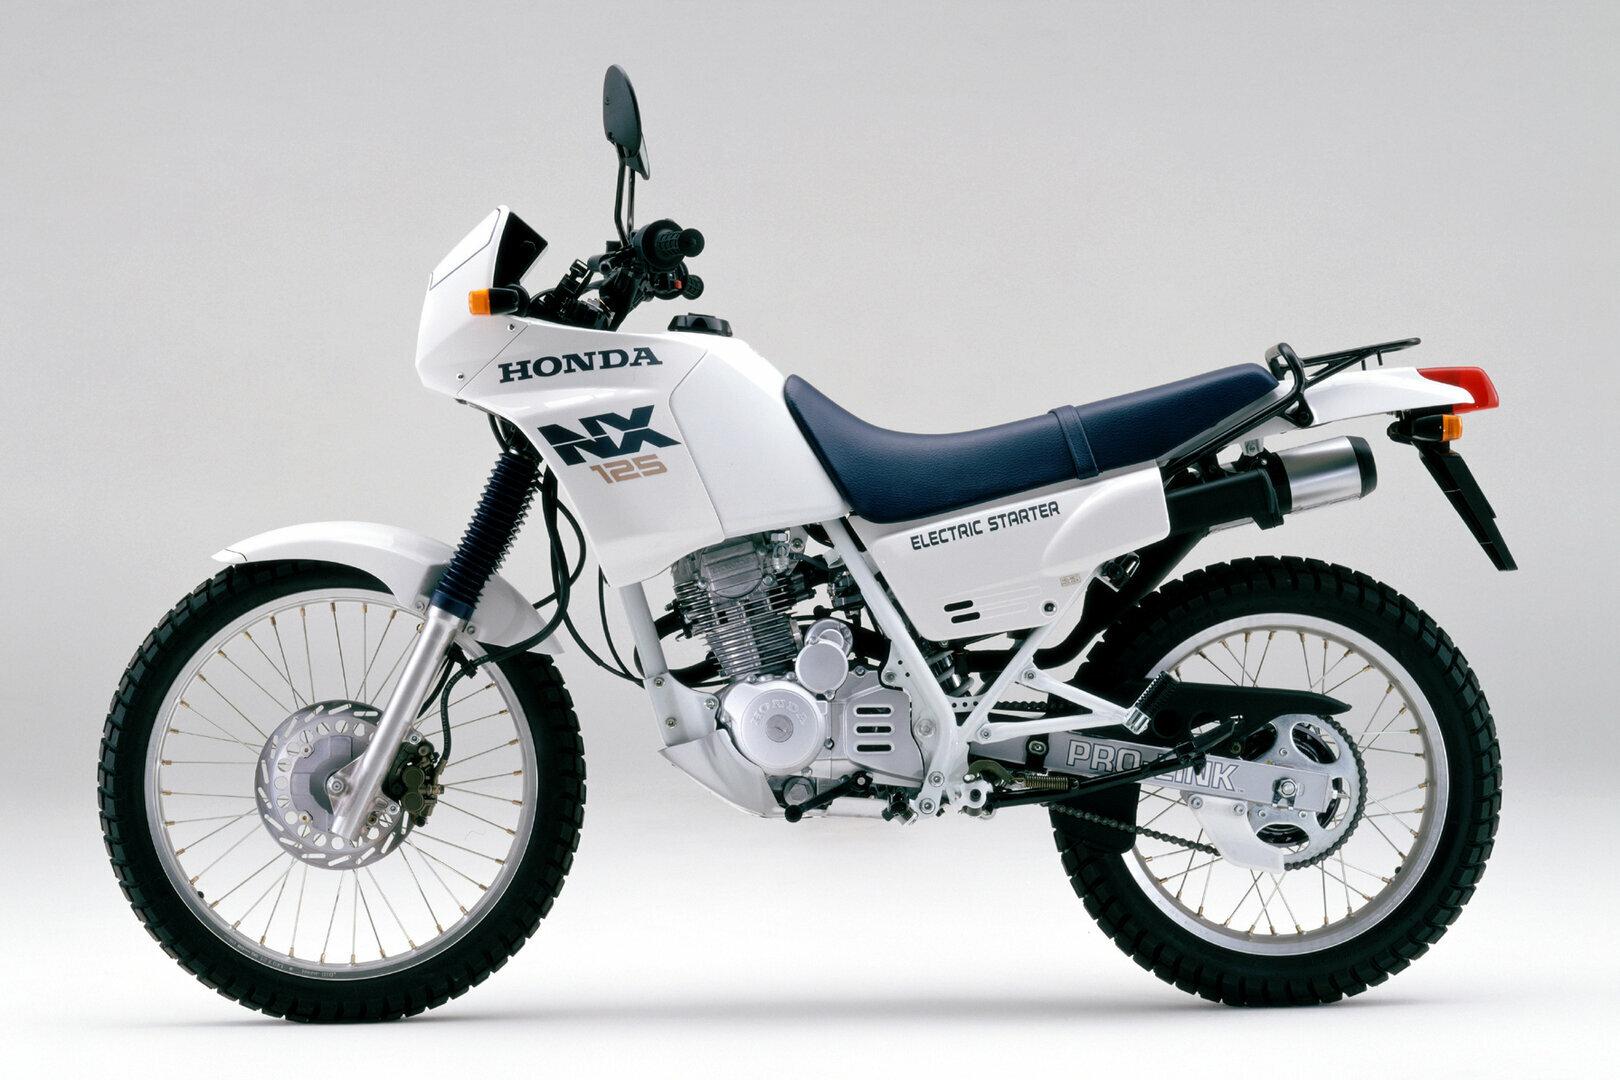 Moto del día: Honda NX 125